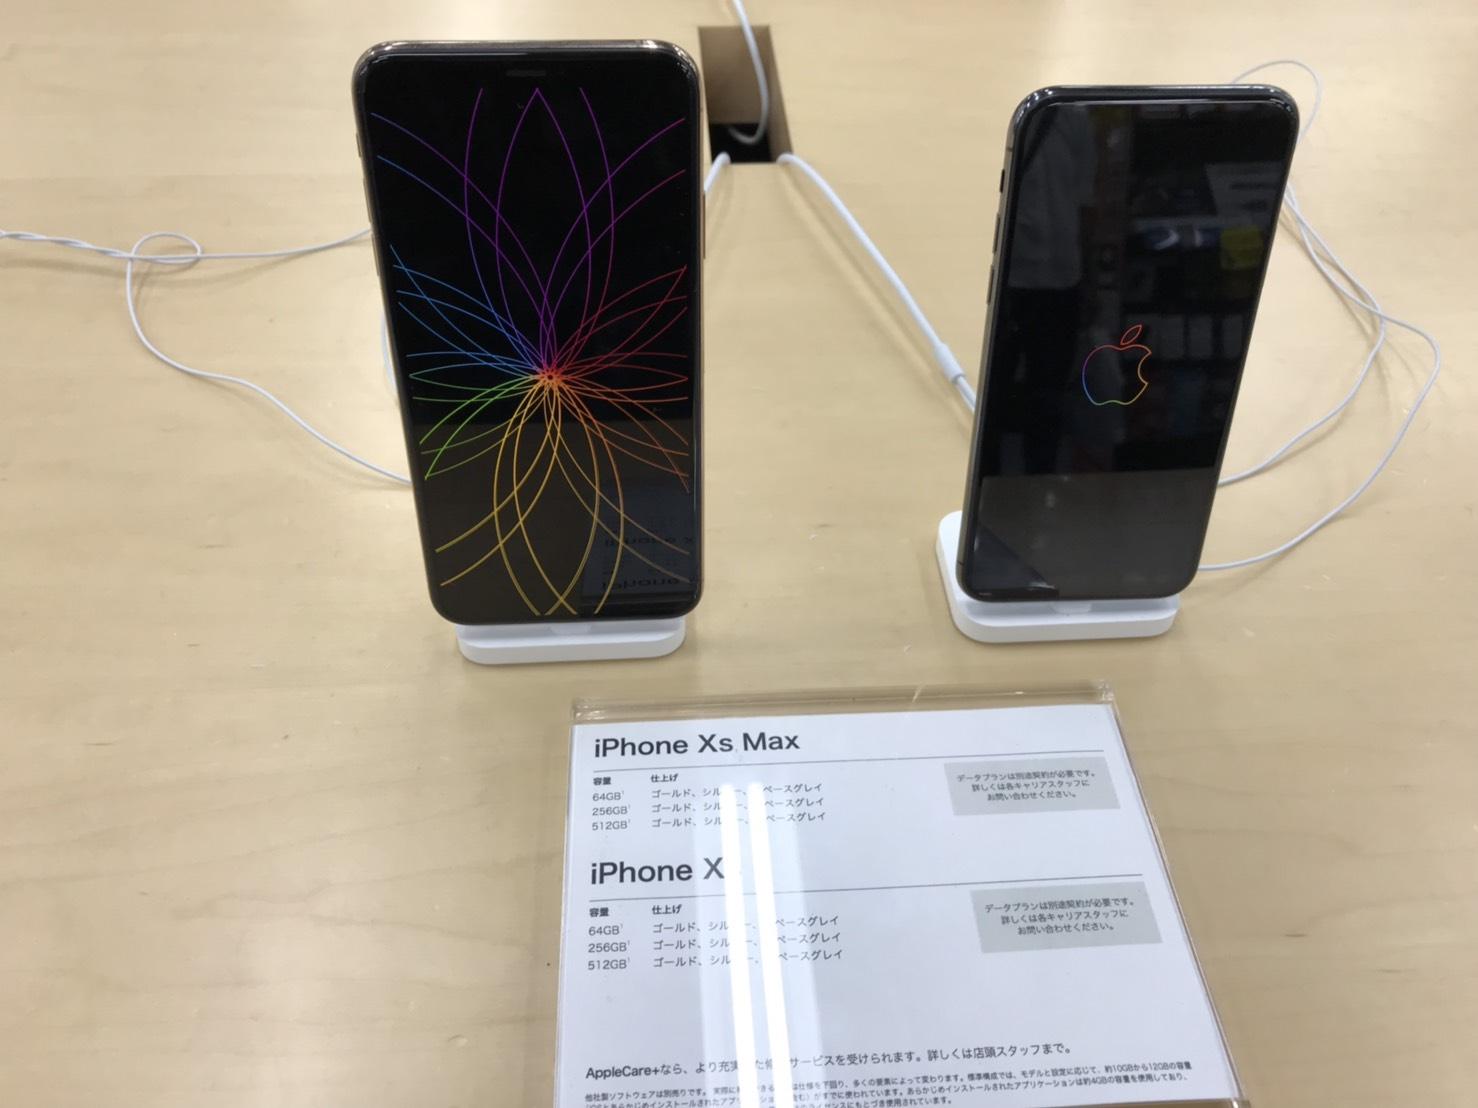 iPhoneXSMAXとXS